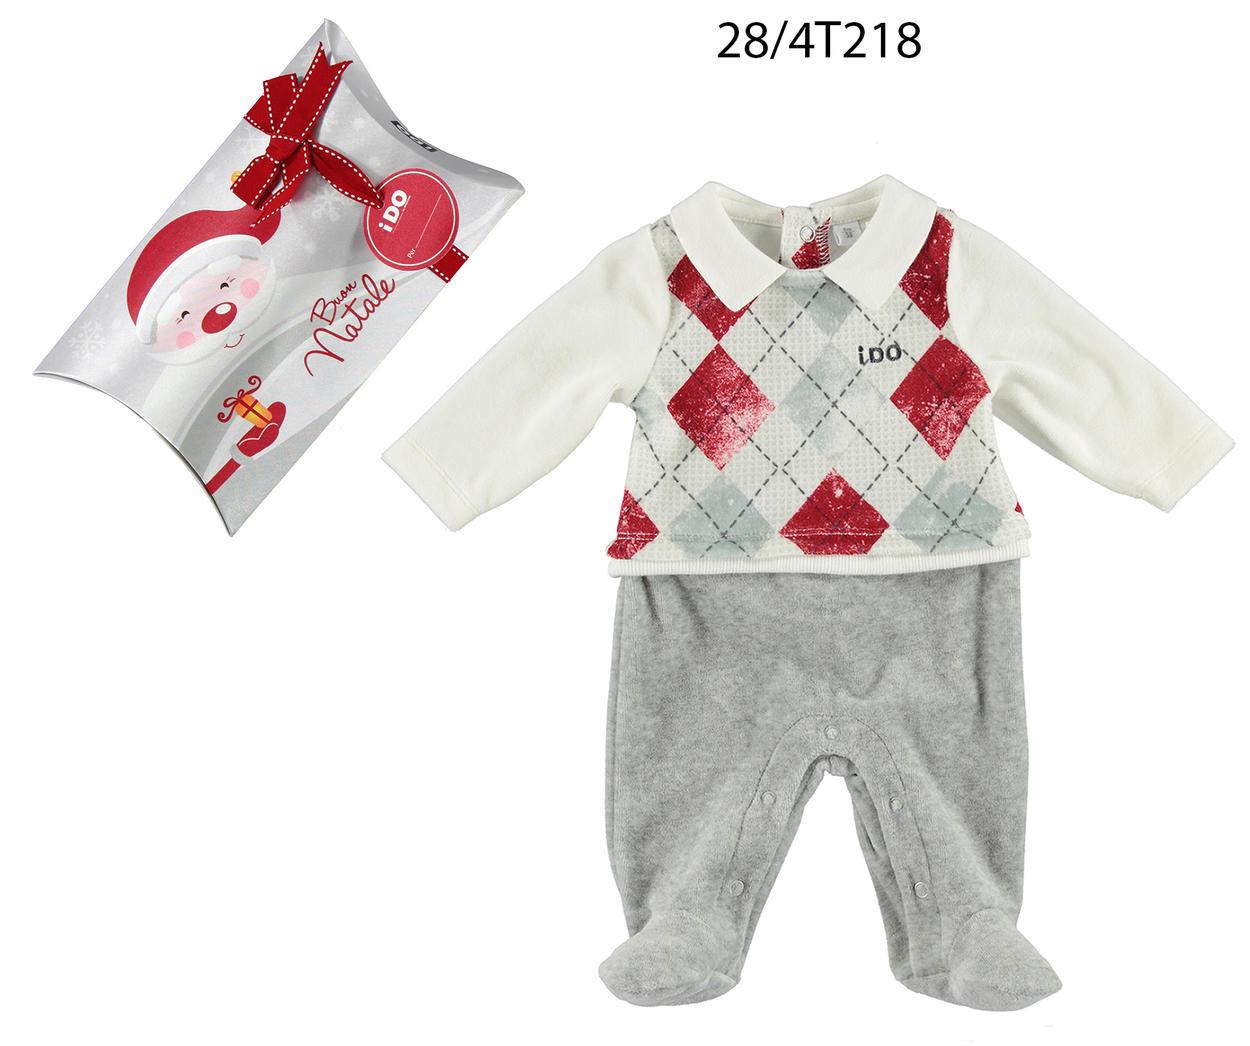 stile classico vendita calda reale Scoprire Tutina Natale in ciniglia con finto gilet per neonato da 0 a 18 mesi iDO